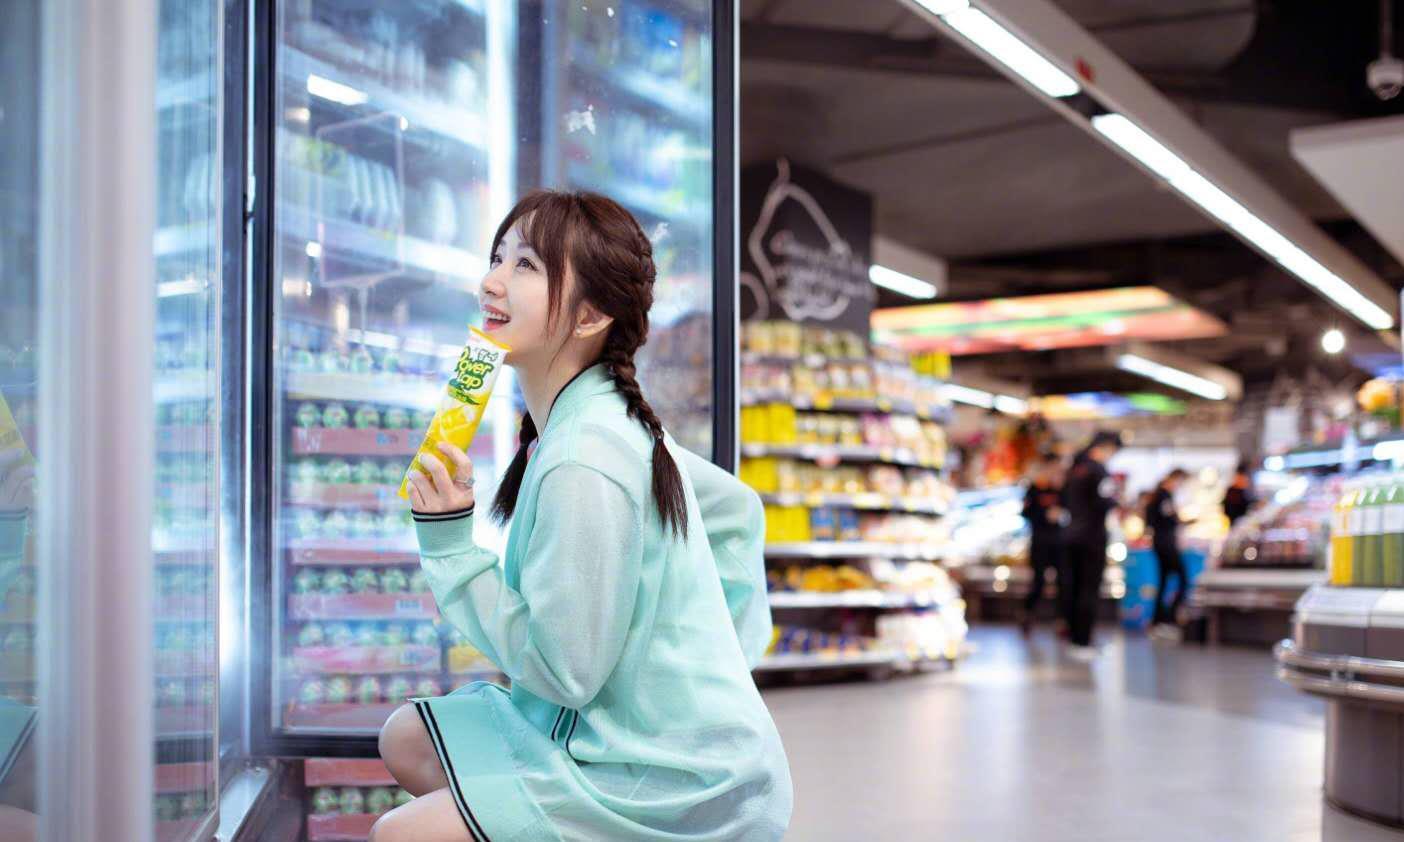 48岁杨钰莹一身白衣秀小蛮腰,配波浪卷发不显老,造型少女好洋气